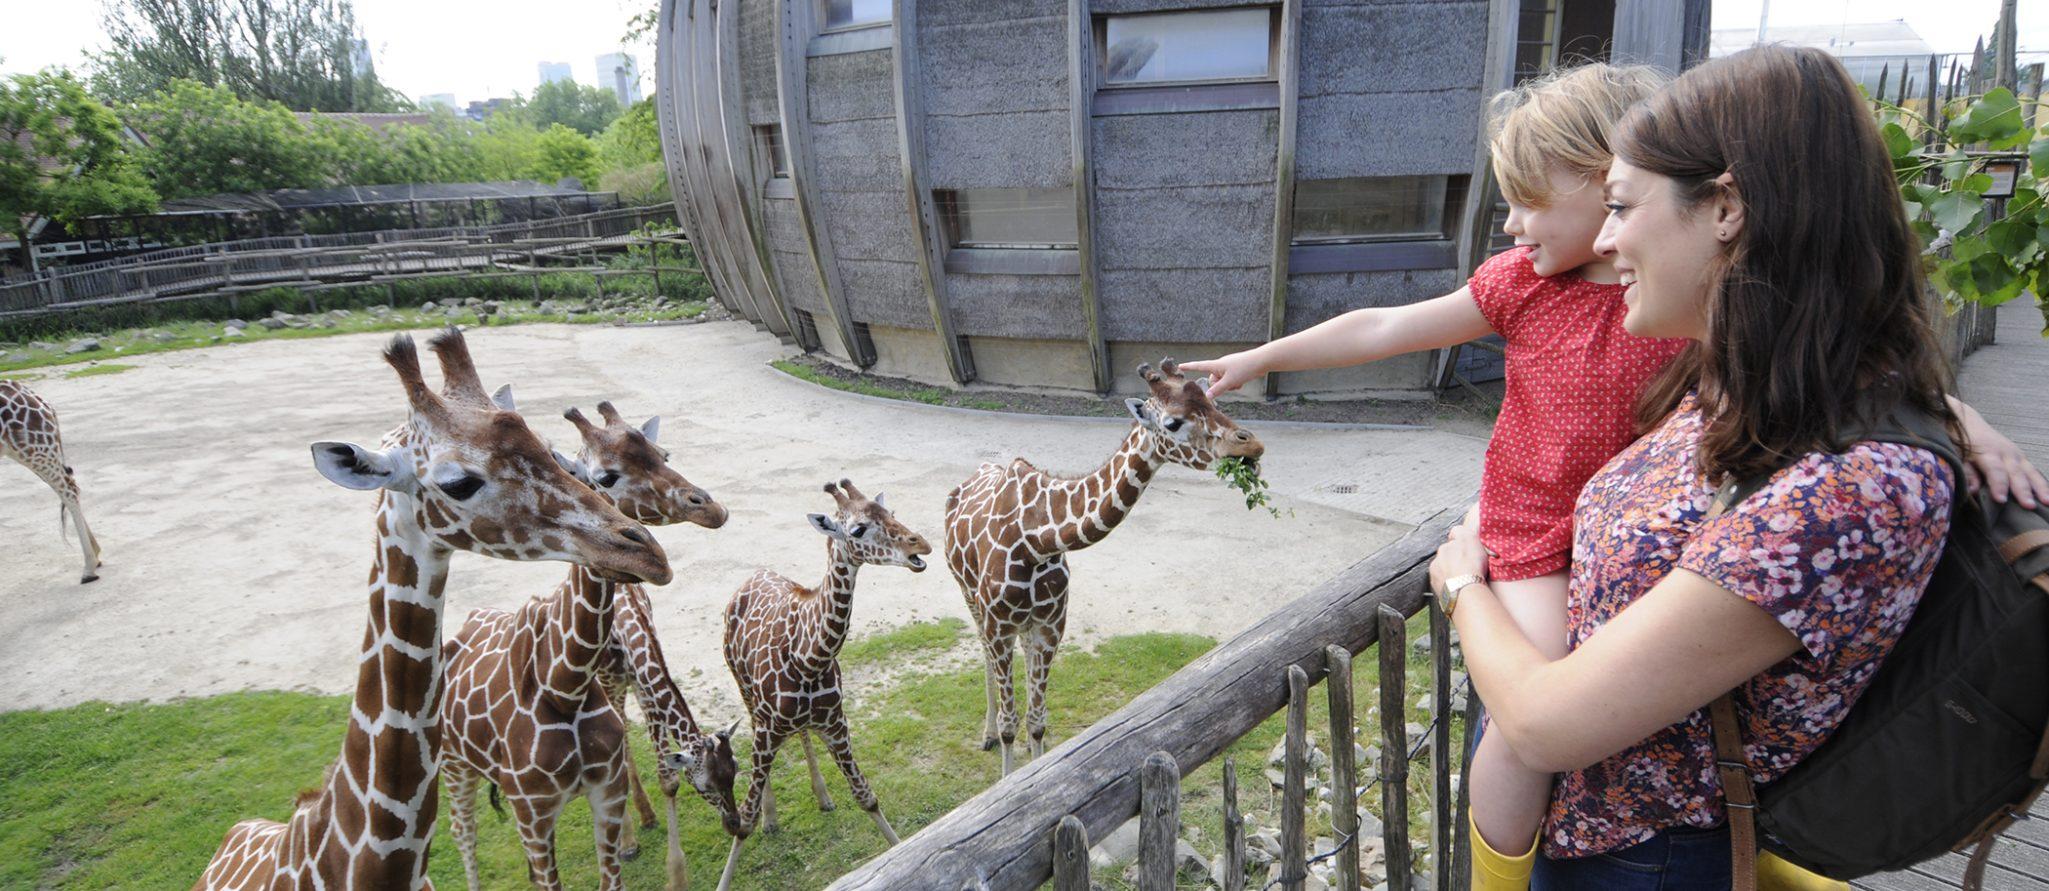 moeder en dochter kijken naar giraffen en andersom